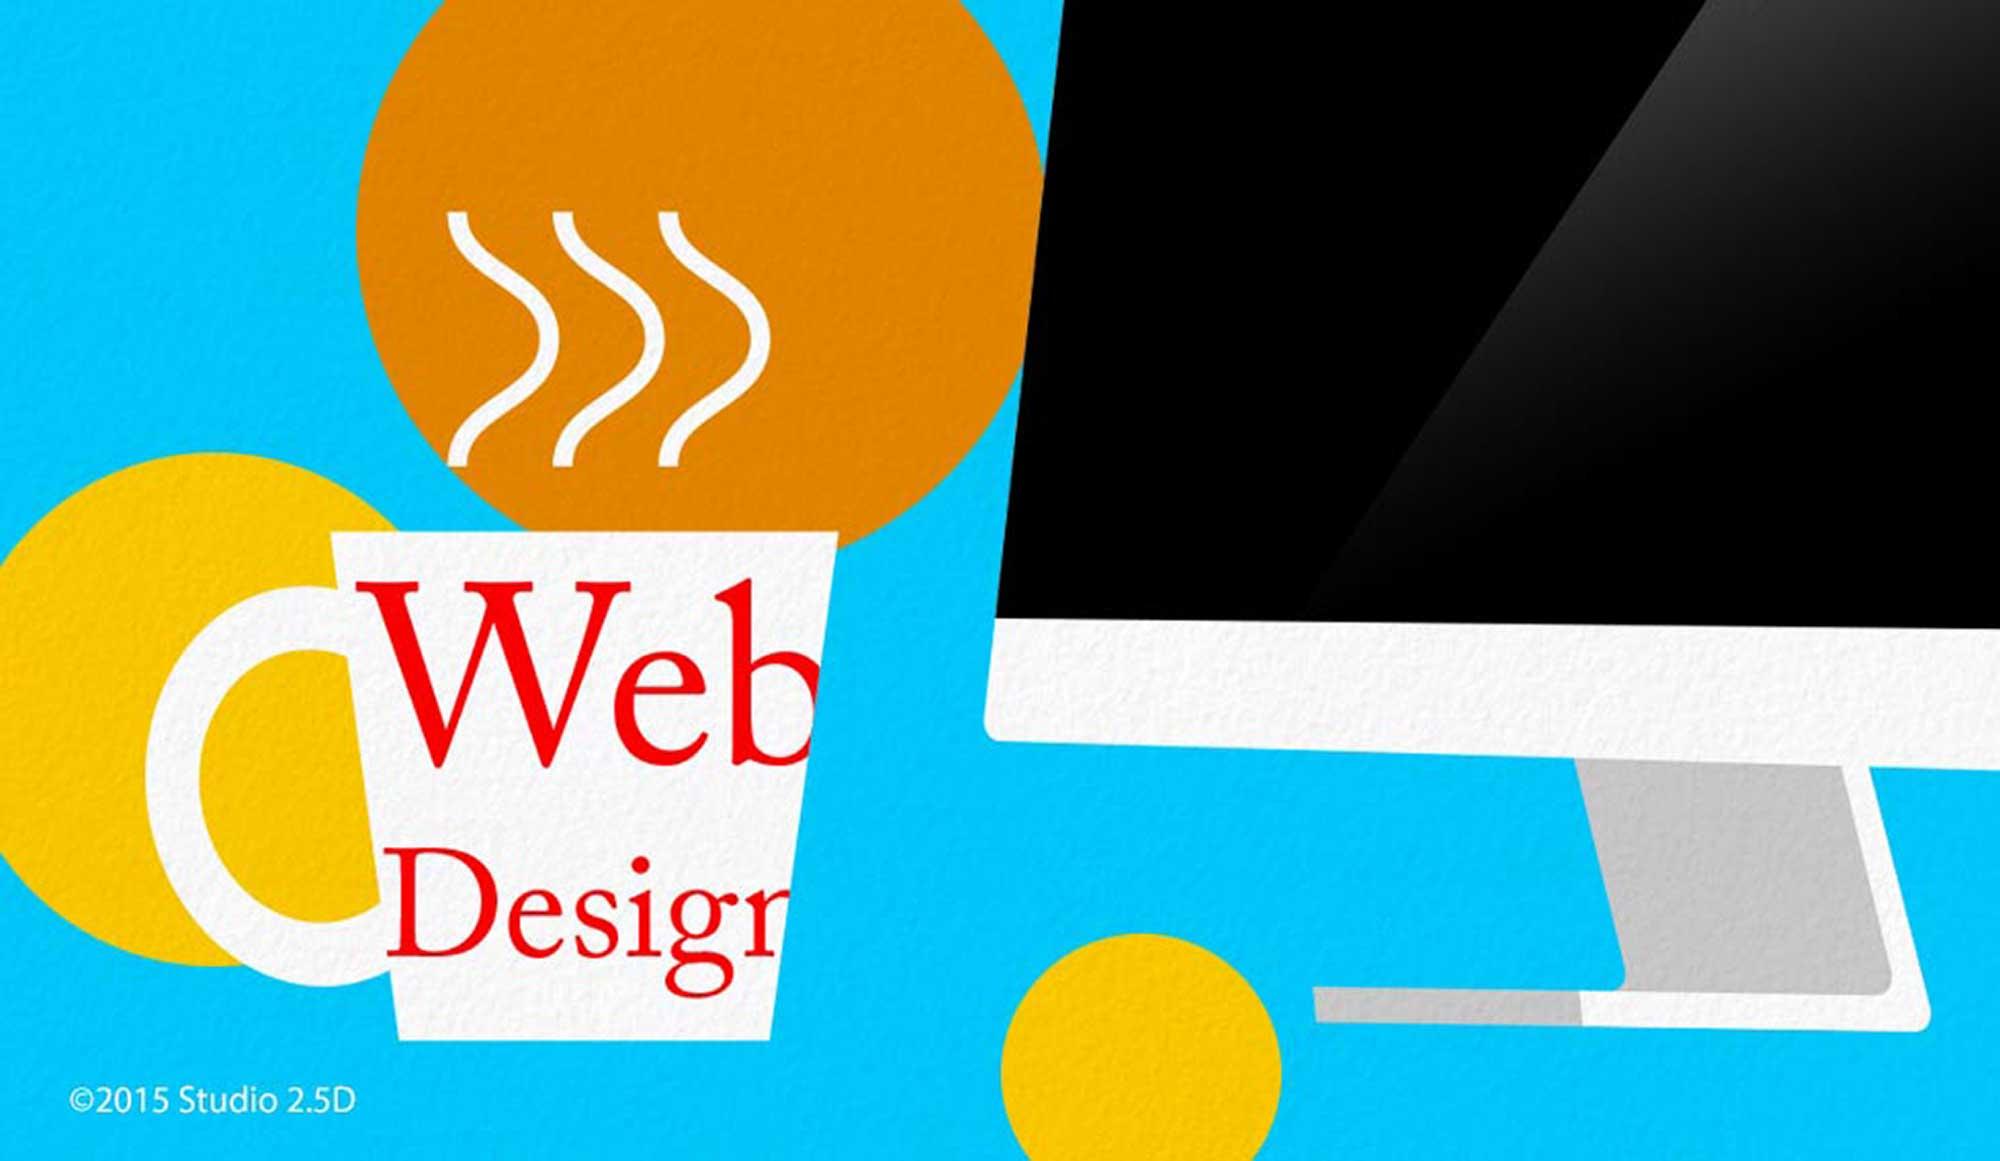 網頁設計公司,品牌顧問,推薦,Web Design,費用,收費,報價